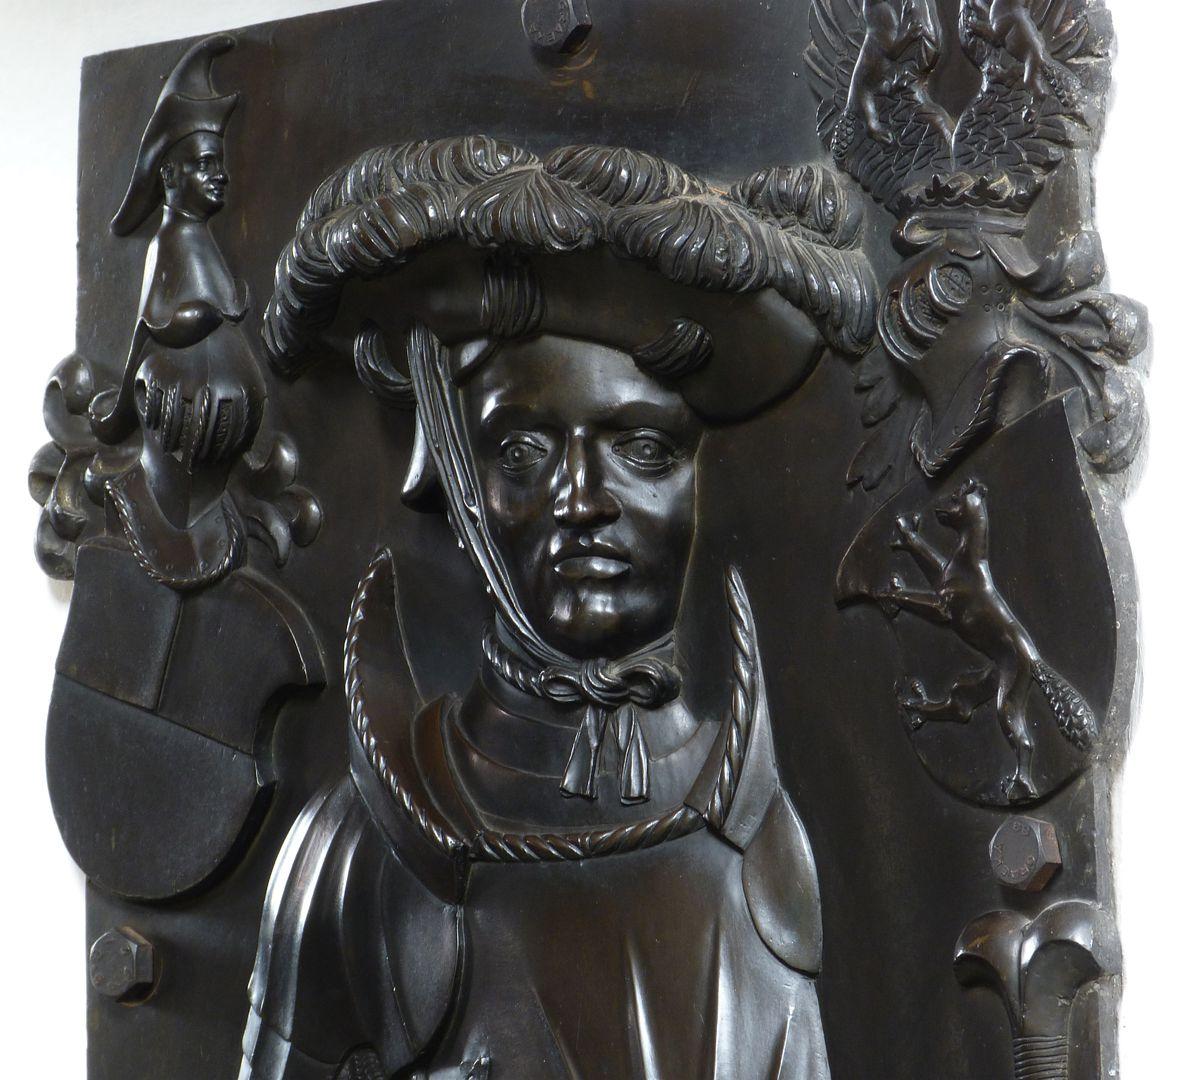 Epitaph des Wolf von Schaumberg (Lichtenfels) Gesicht in Frontalansicht